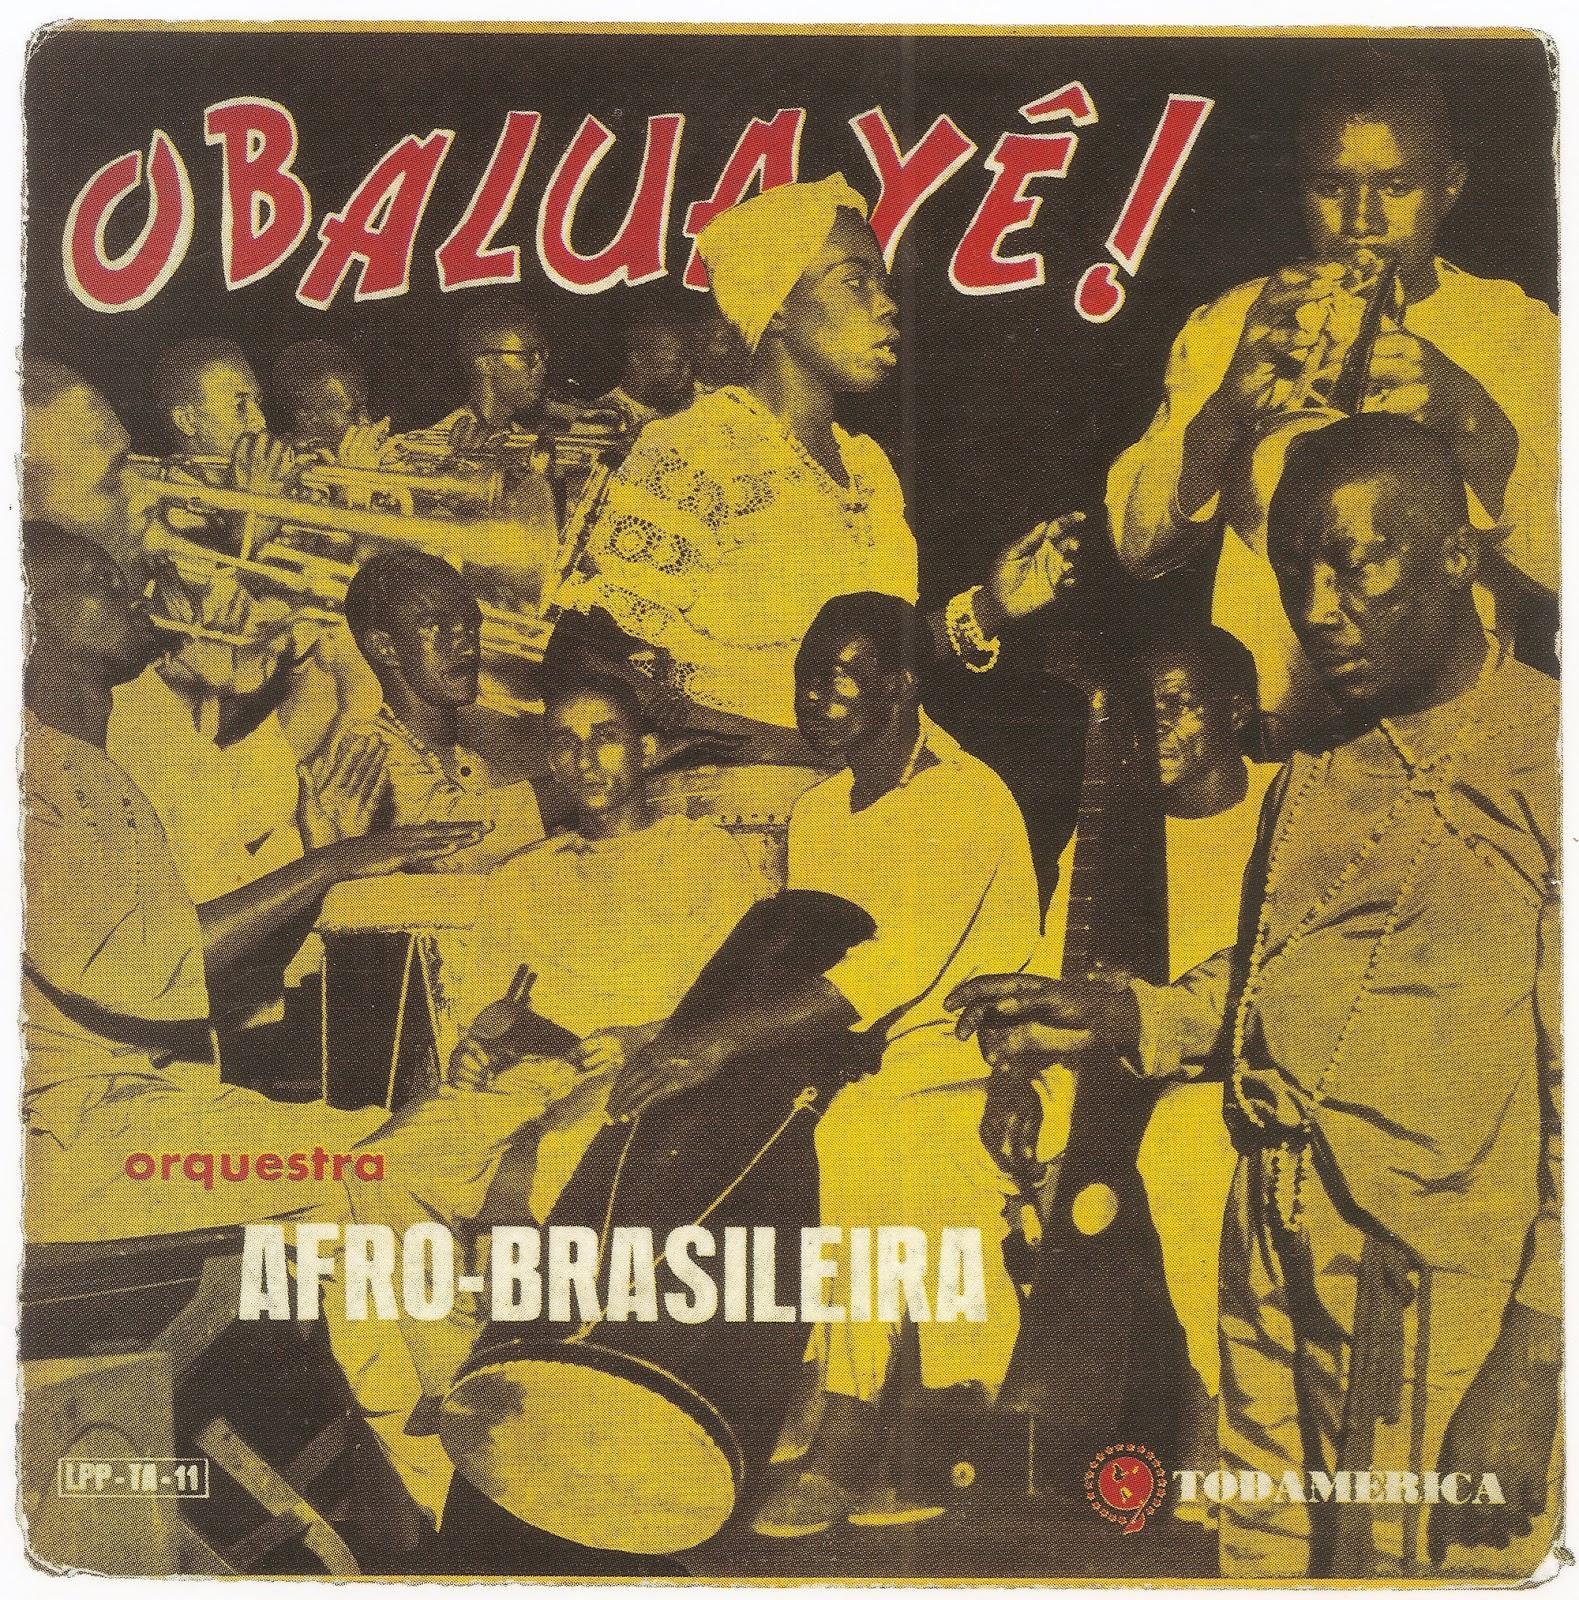 Orquestra Afro-Brasileira (1957) Obaluayê (capa 1)